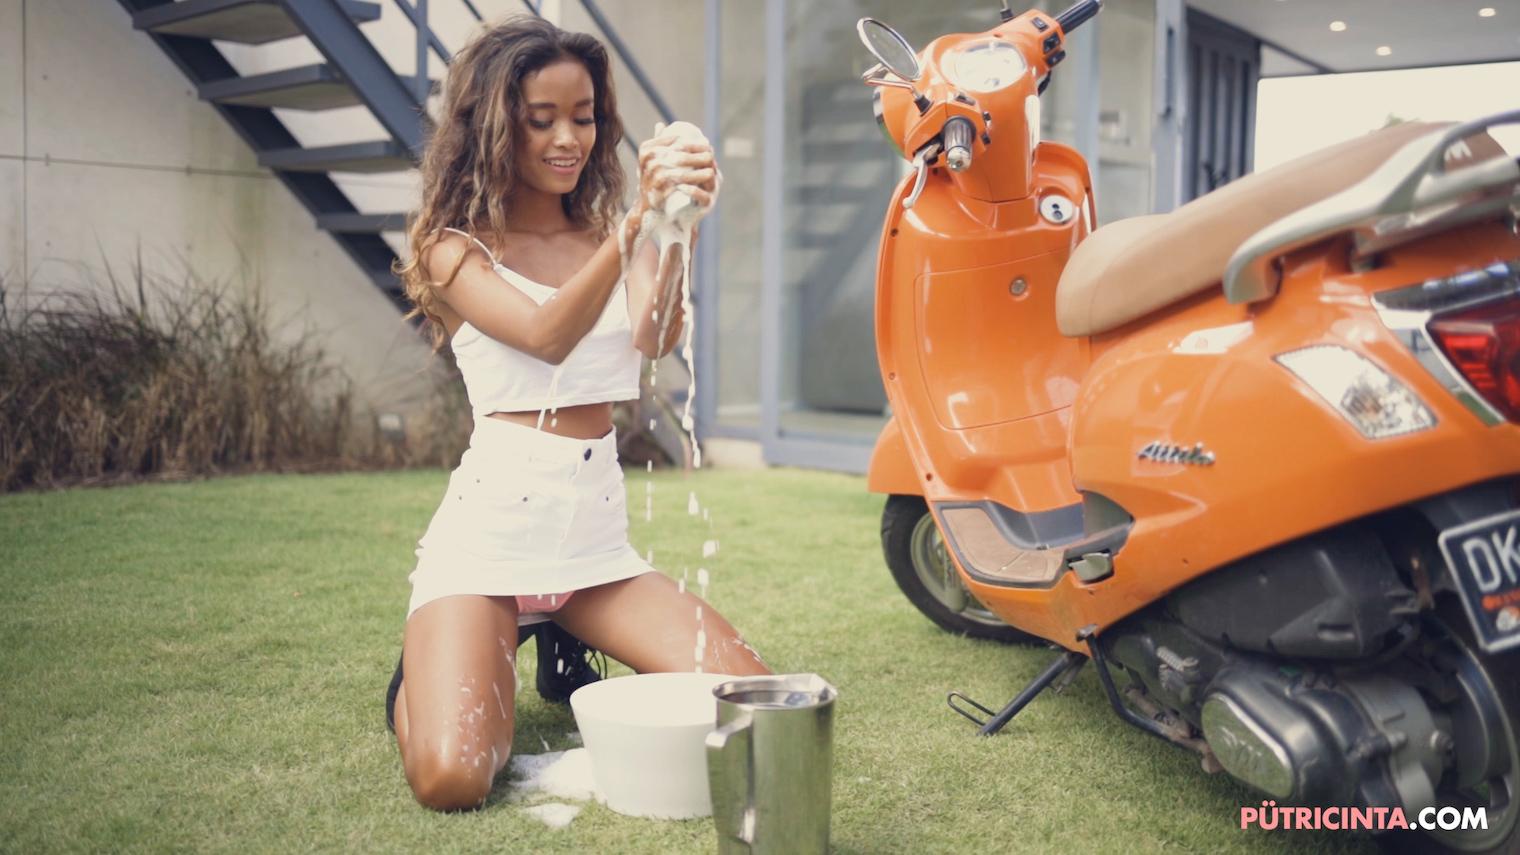 025-BikeWash-Putri-Cinta-Teaser-Stills-11.jpg